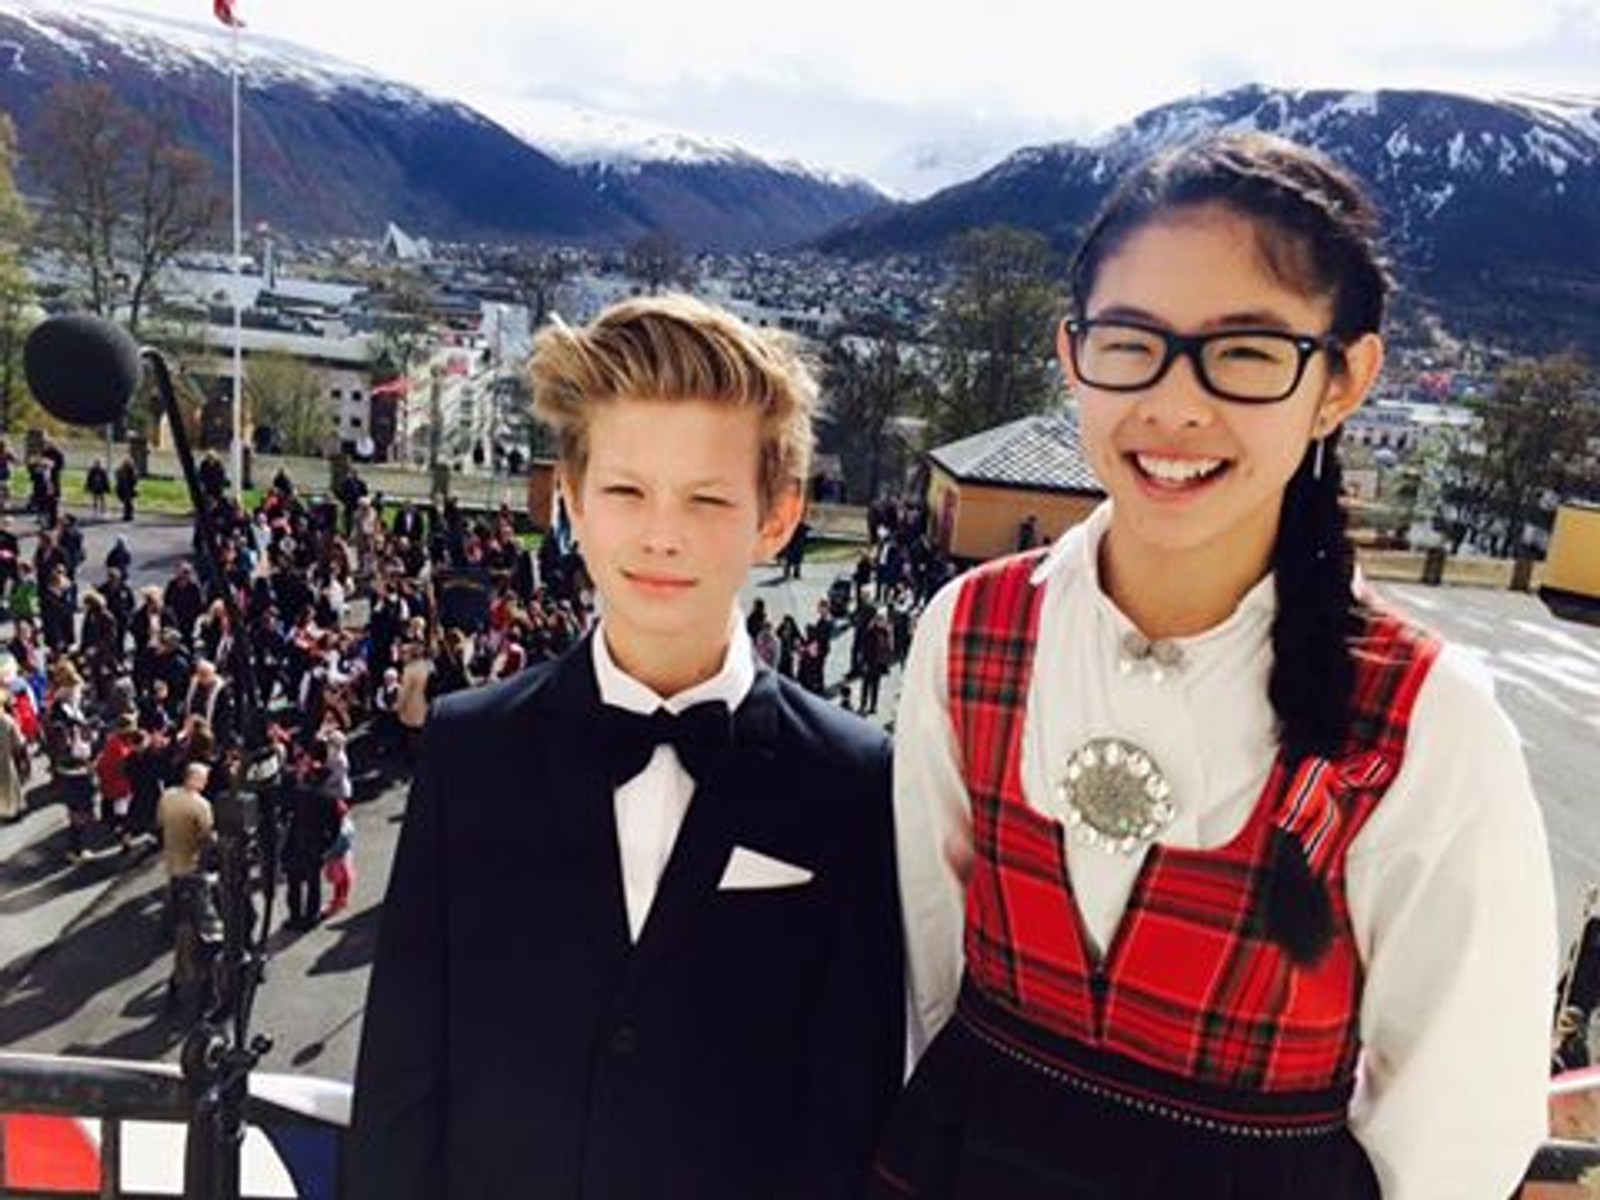 13-åringene Trygve Tidemann Bjørklund og Jenny Yan Alvarstein holdt årets 17. mai-tale fra Kongsbakken videregående skole i Tromsø.